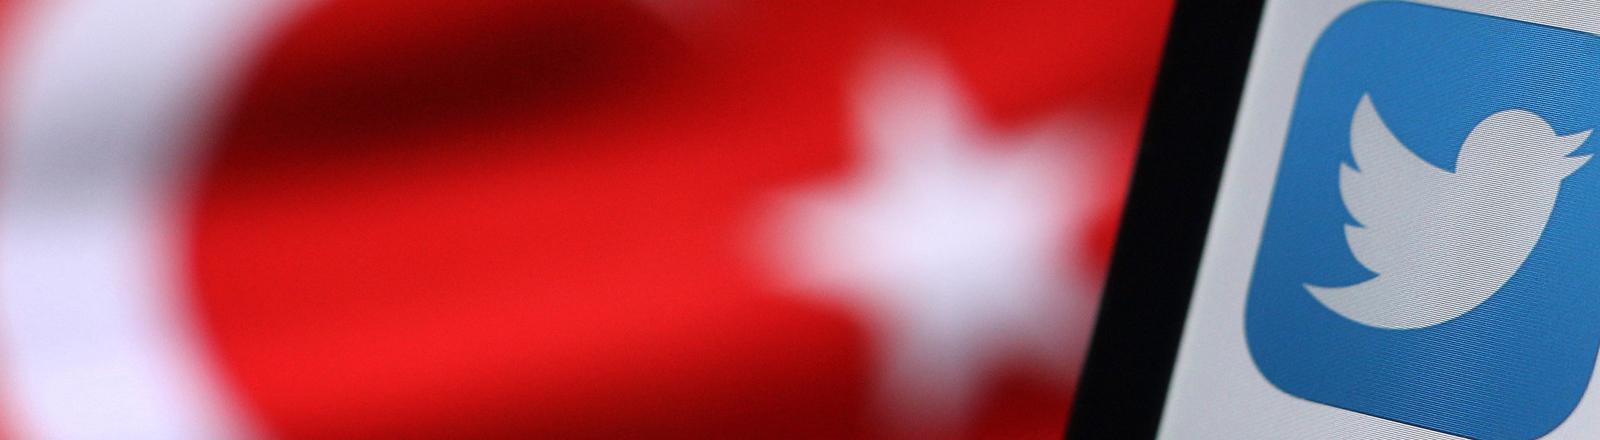 Im Hintergrund ist die türkische Flagge zu sehen, im Vordergrund das Twitterlogo.